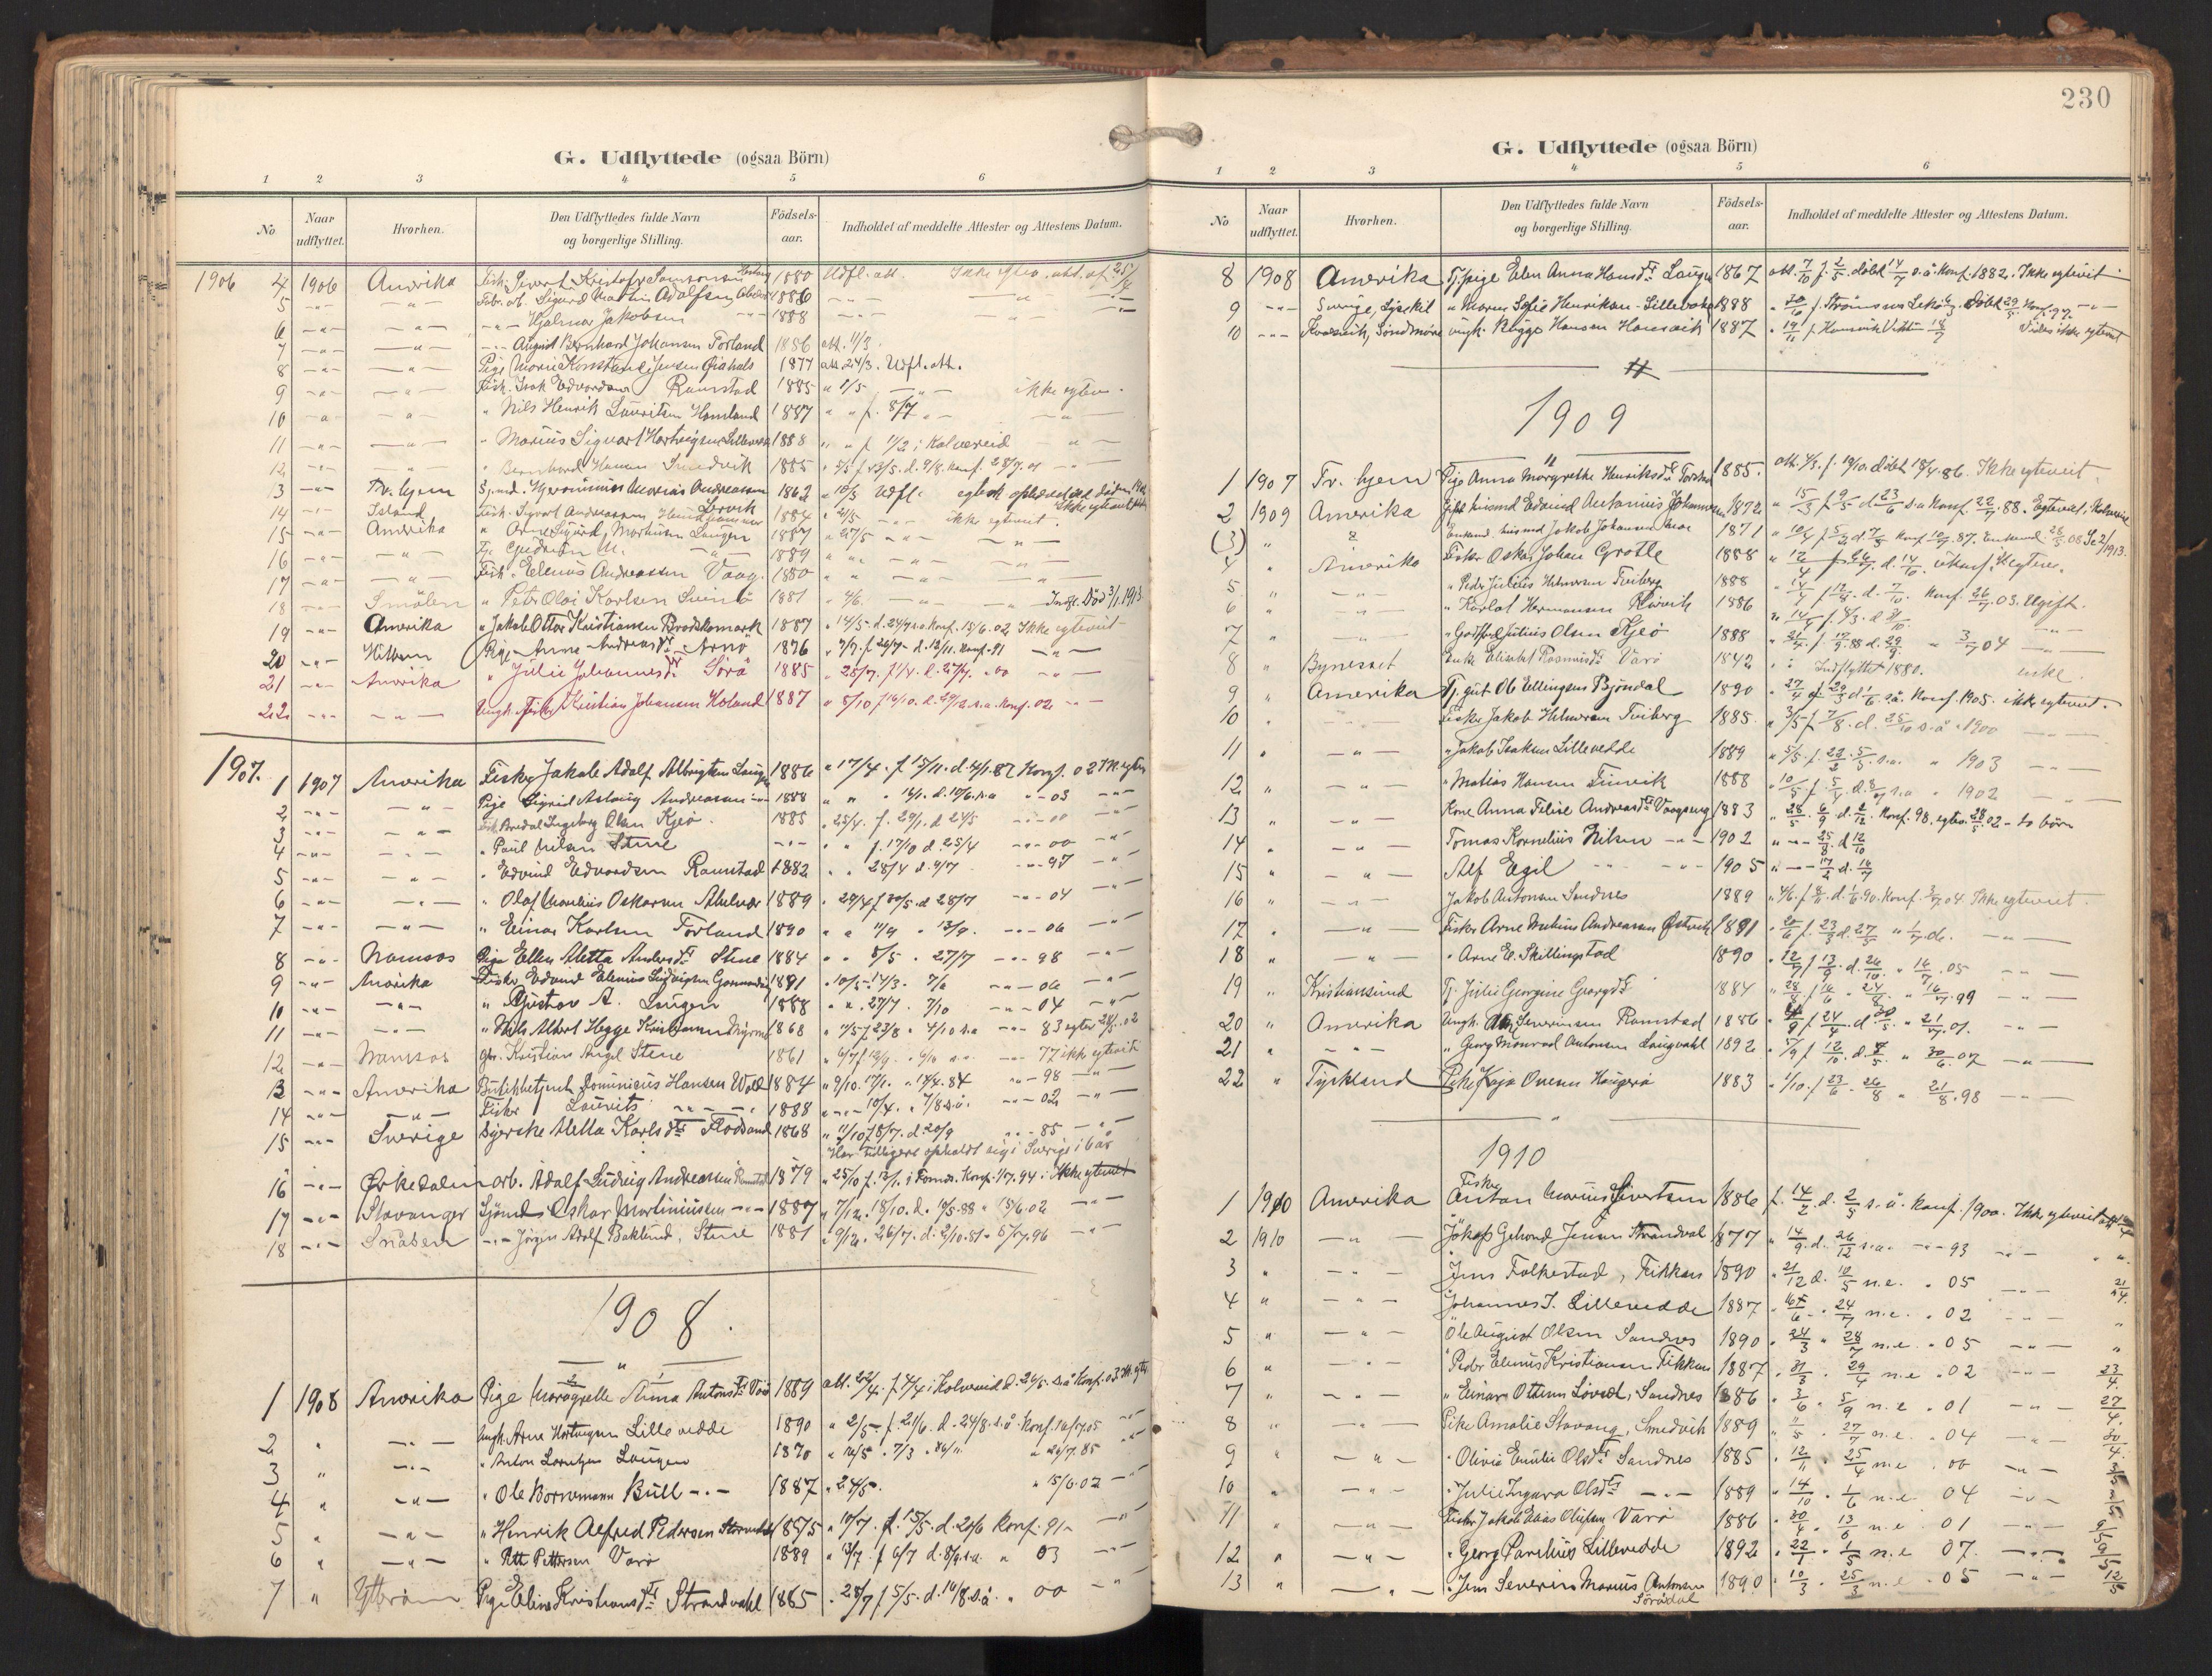 SAT, Ministerialprotokoller, klokkerbøker og fødselsregistre - Nord-Trøndelag, 784/L0677: Ministerialbok nr. 784A12, 1900-1920, s. 230